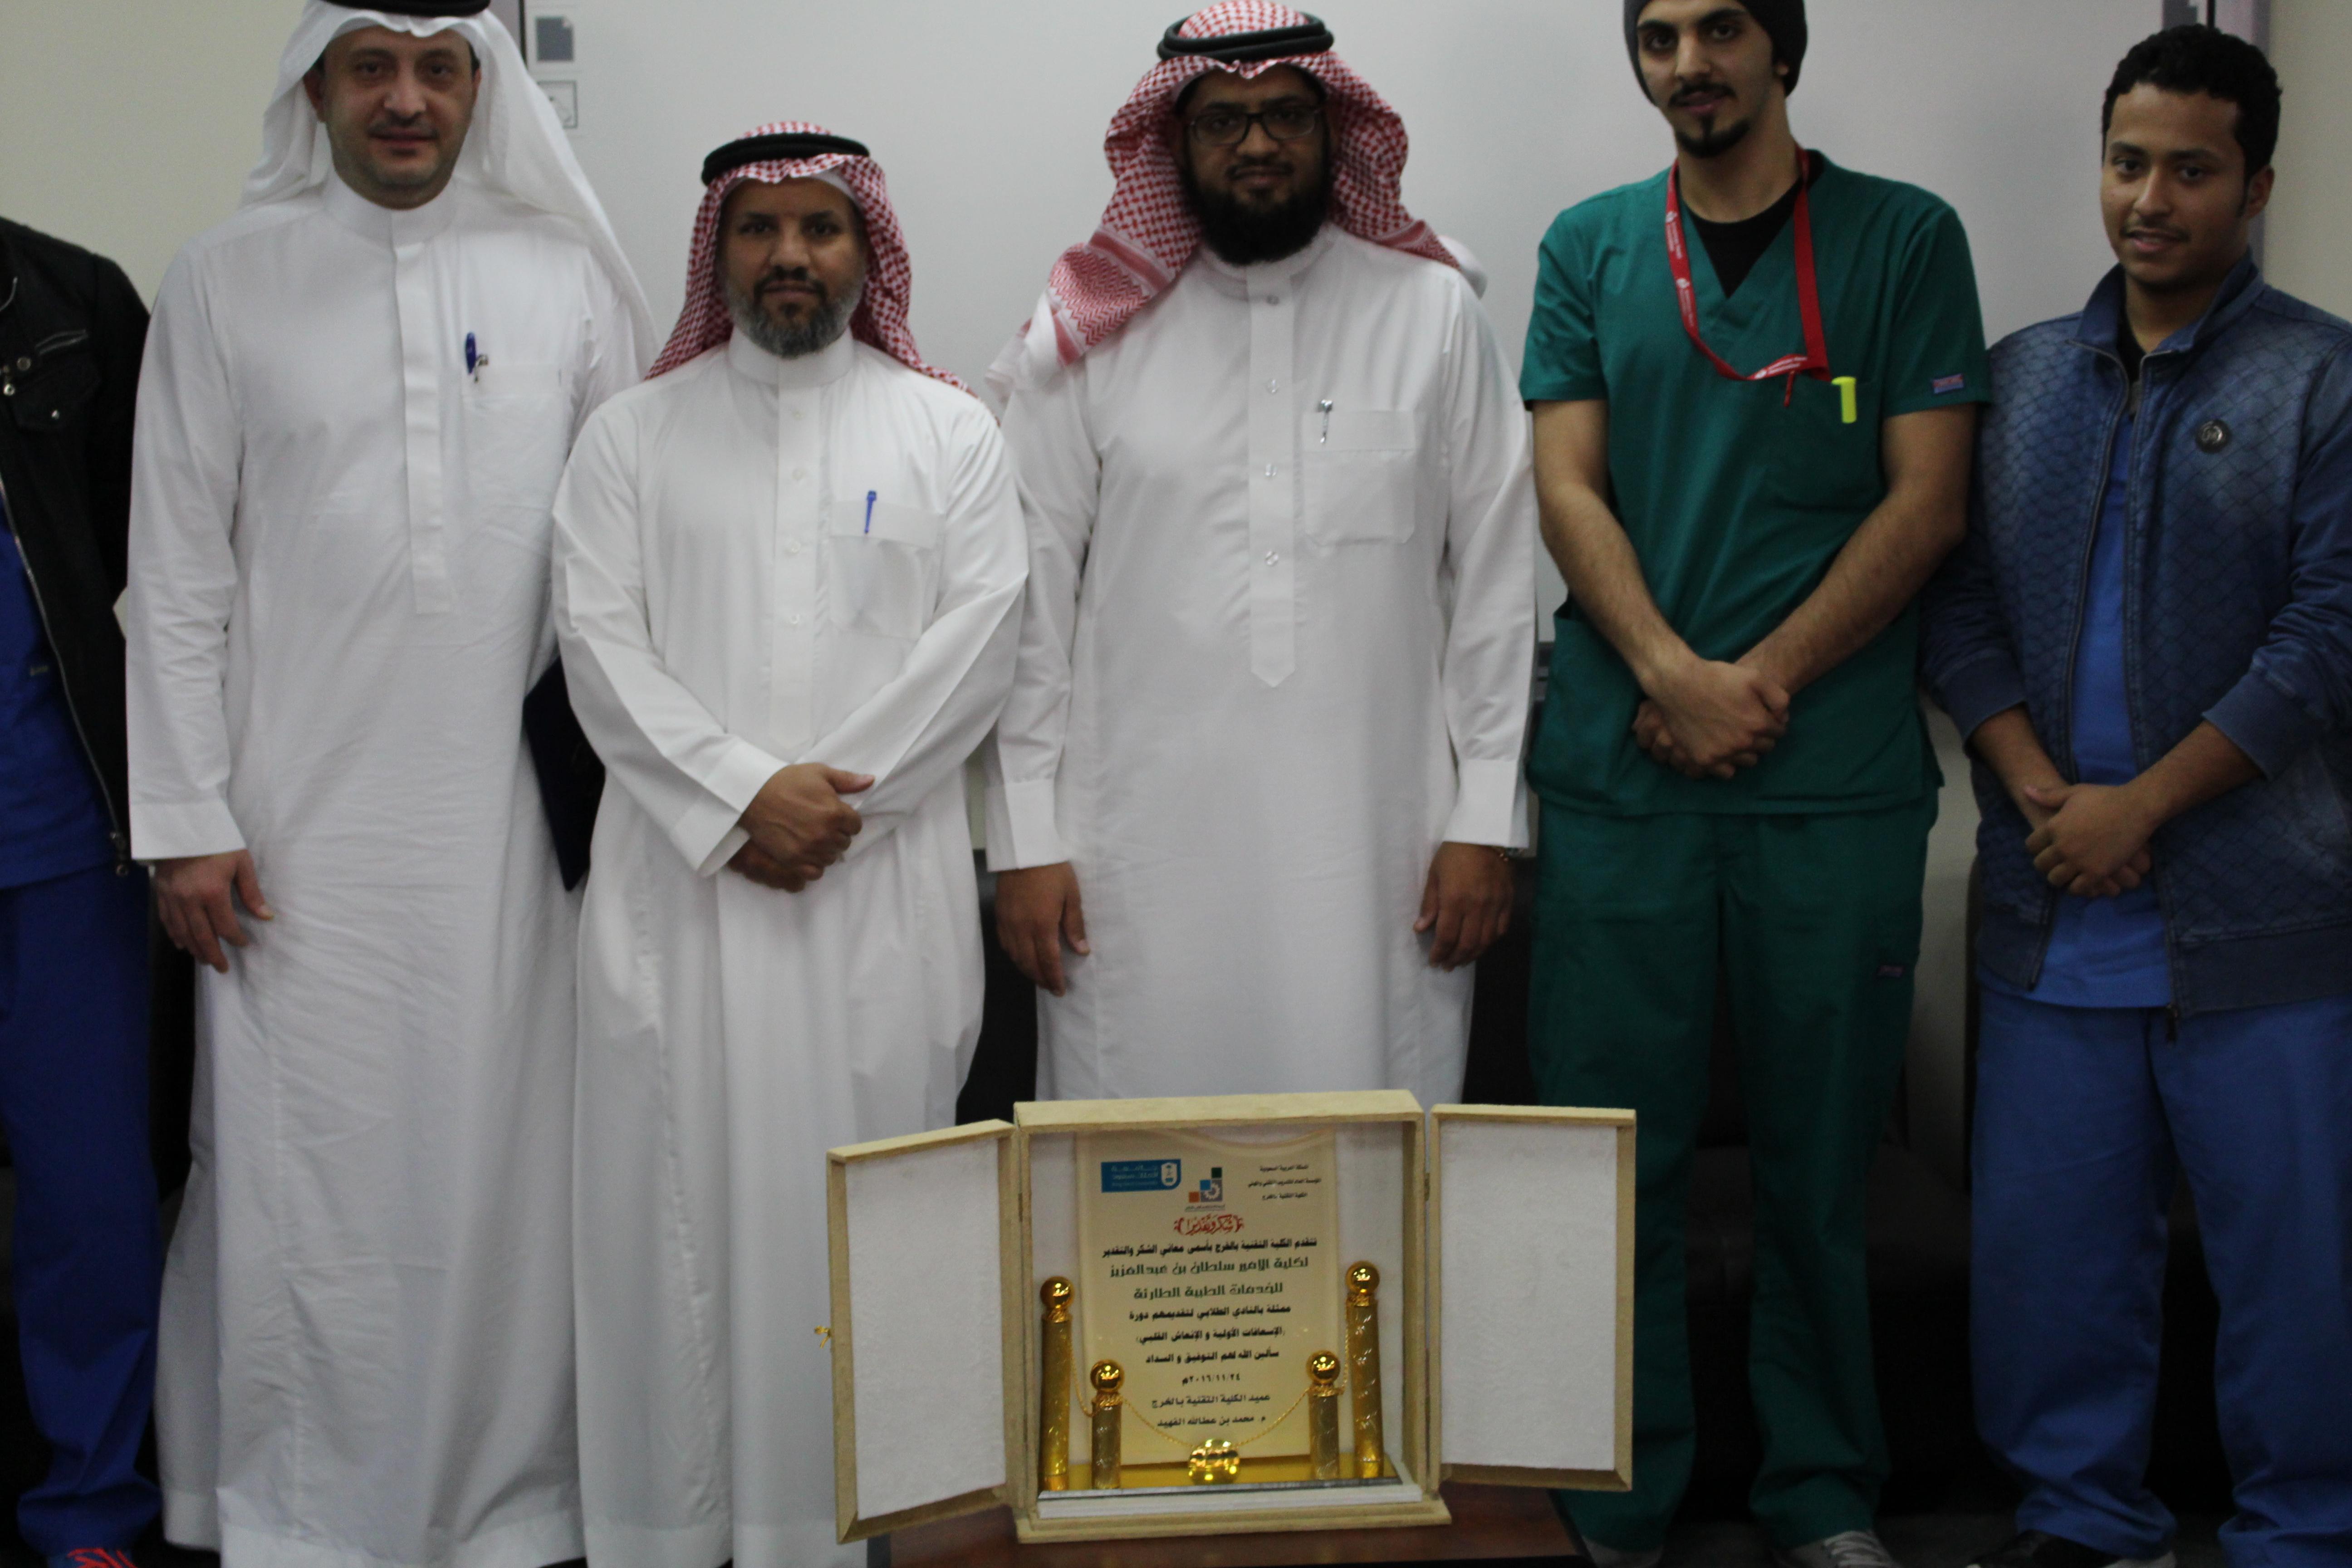 طلاب كلية الأمير سلطان الطارئة يقدمون عدد من الفعاليات التثقيفية الصحية وخدمة المجتمع